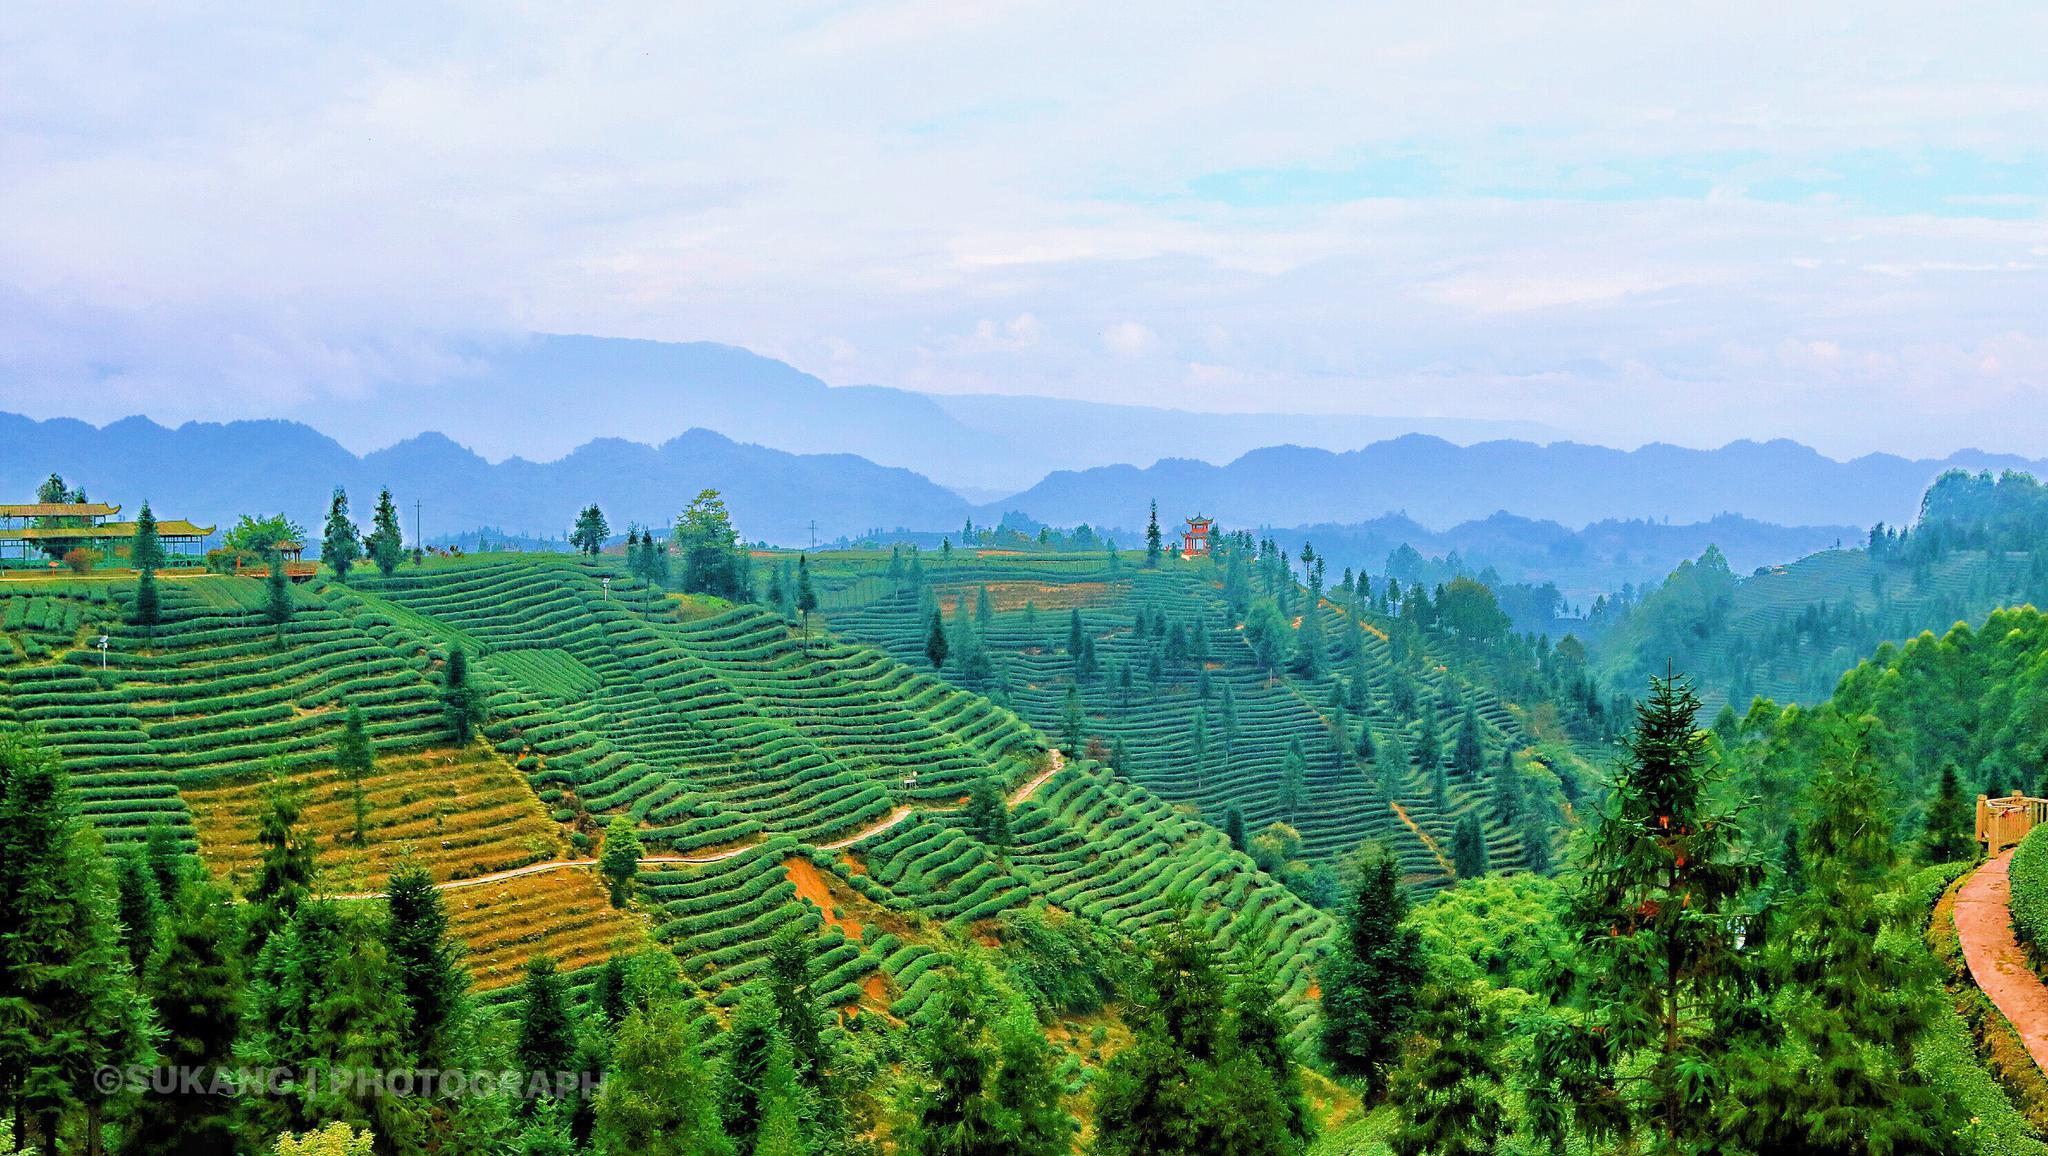 四川即将出台系列举措 推动川茶产业振兴